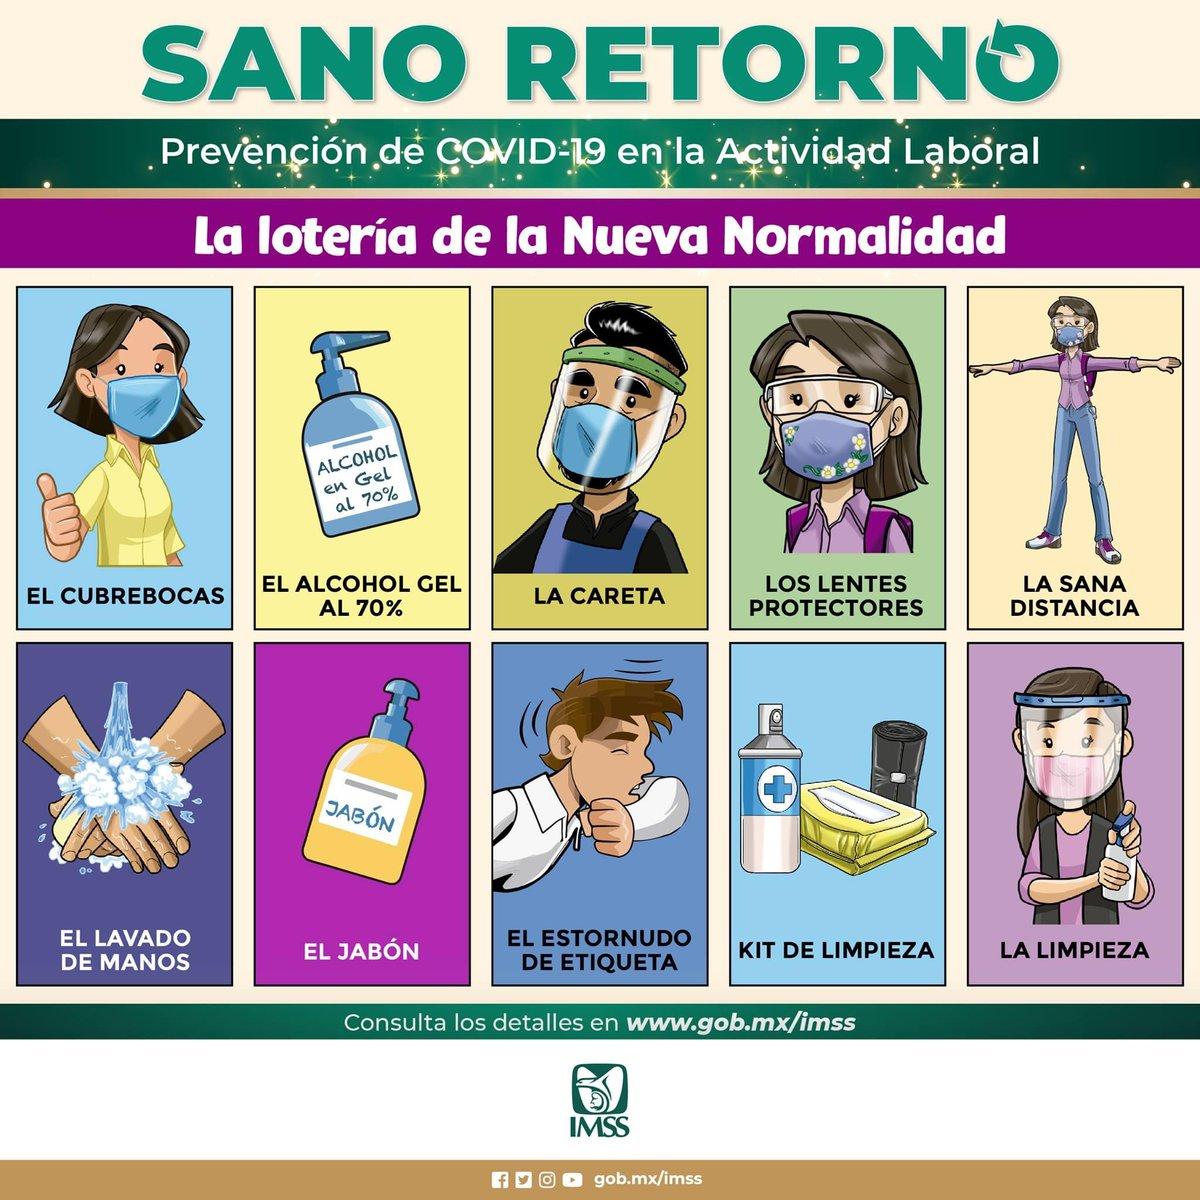 ¡El alcohol gel! 🧴 ¡La sana distancia! ↔️ ¡El cubrebocas! 😷 ¡El lavado de manos! 💦🤝🧼  ¡LOTERÍA!   #SanoRetorno #NuevaNormalidad https://t.co/yplGiFsNgf